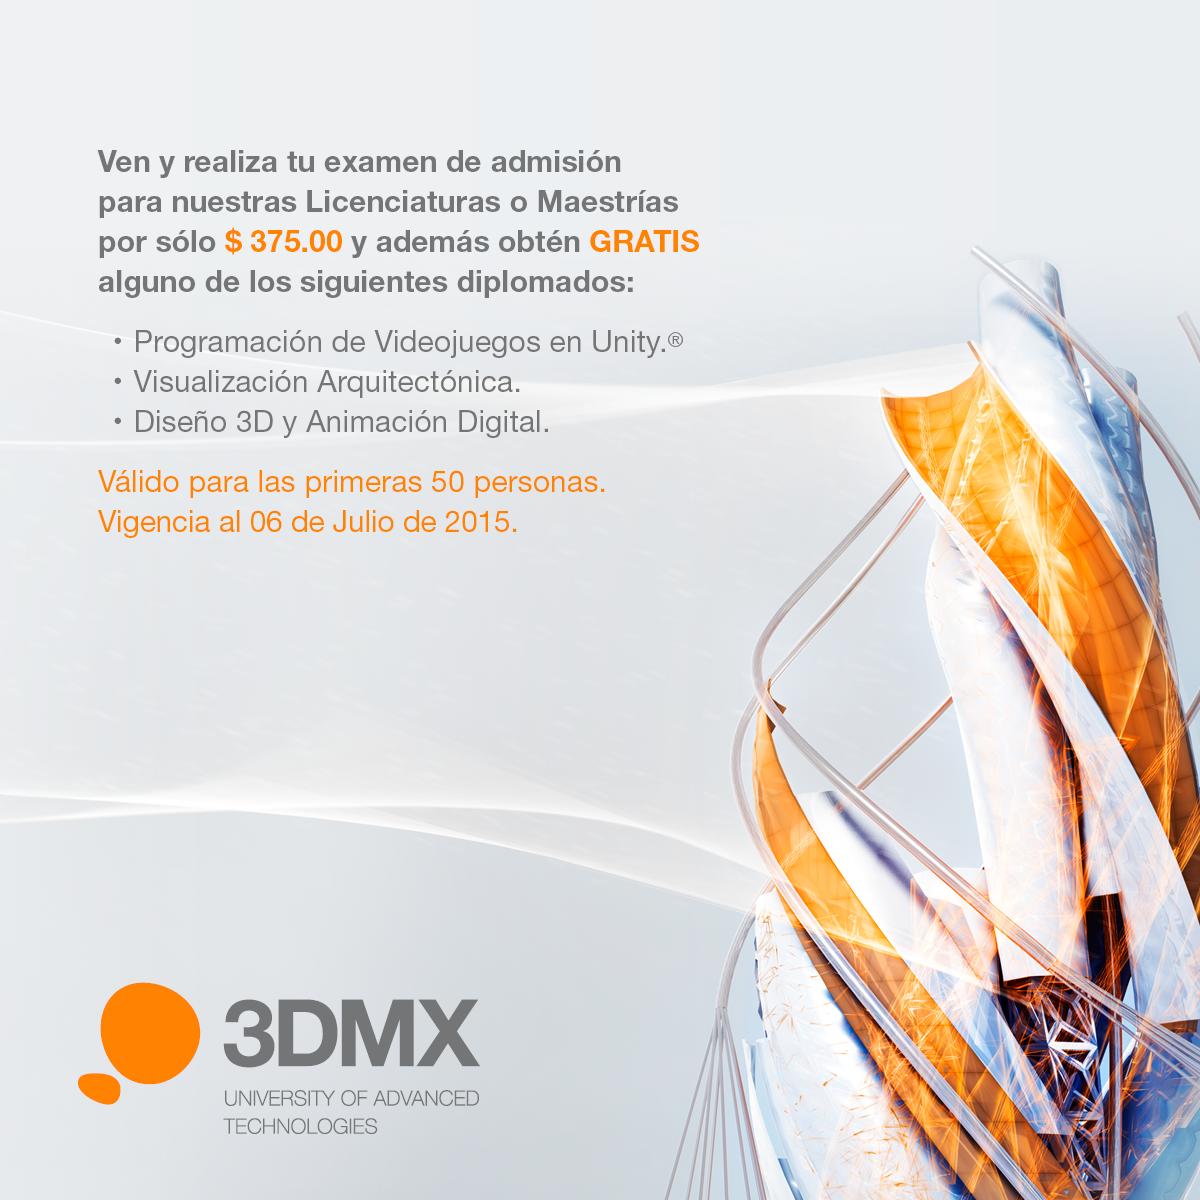 Inscripciones3DMX_FB_GRAL_V04